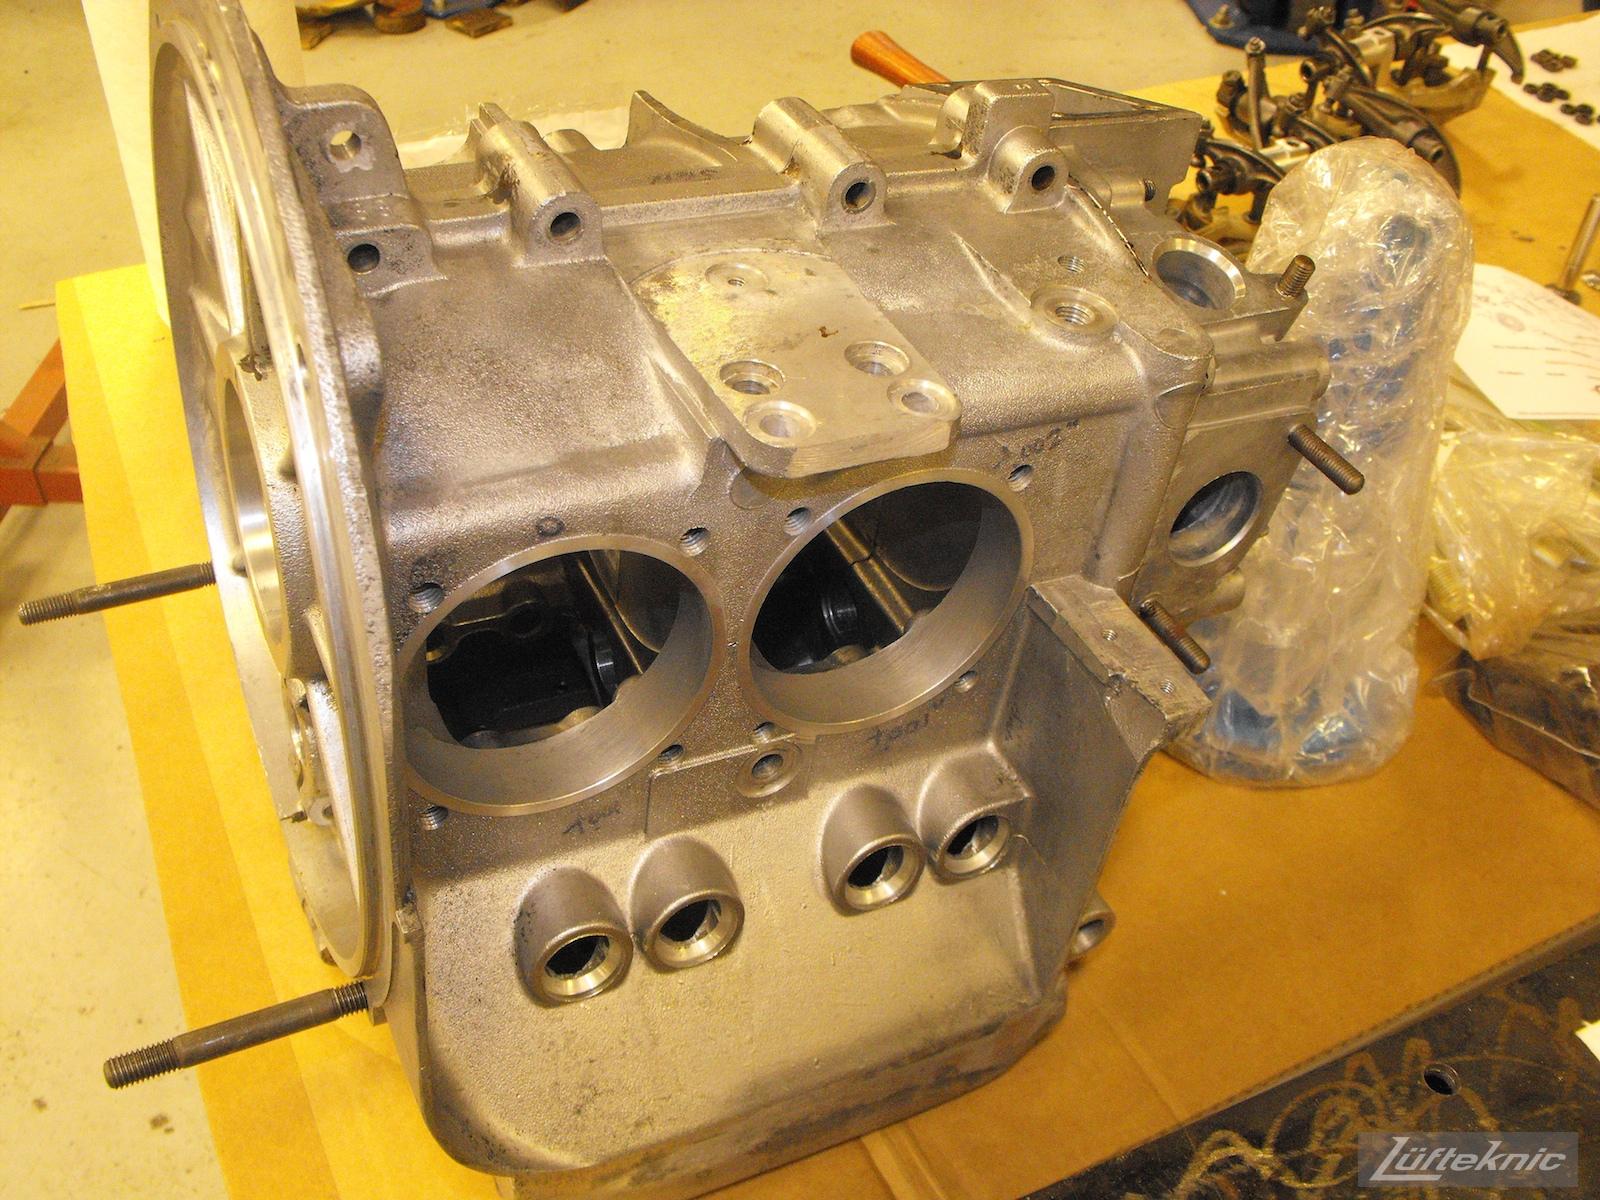 Fresh engine case for an Irish Green Porsche 912 undergoing restoration at Lufteknic.